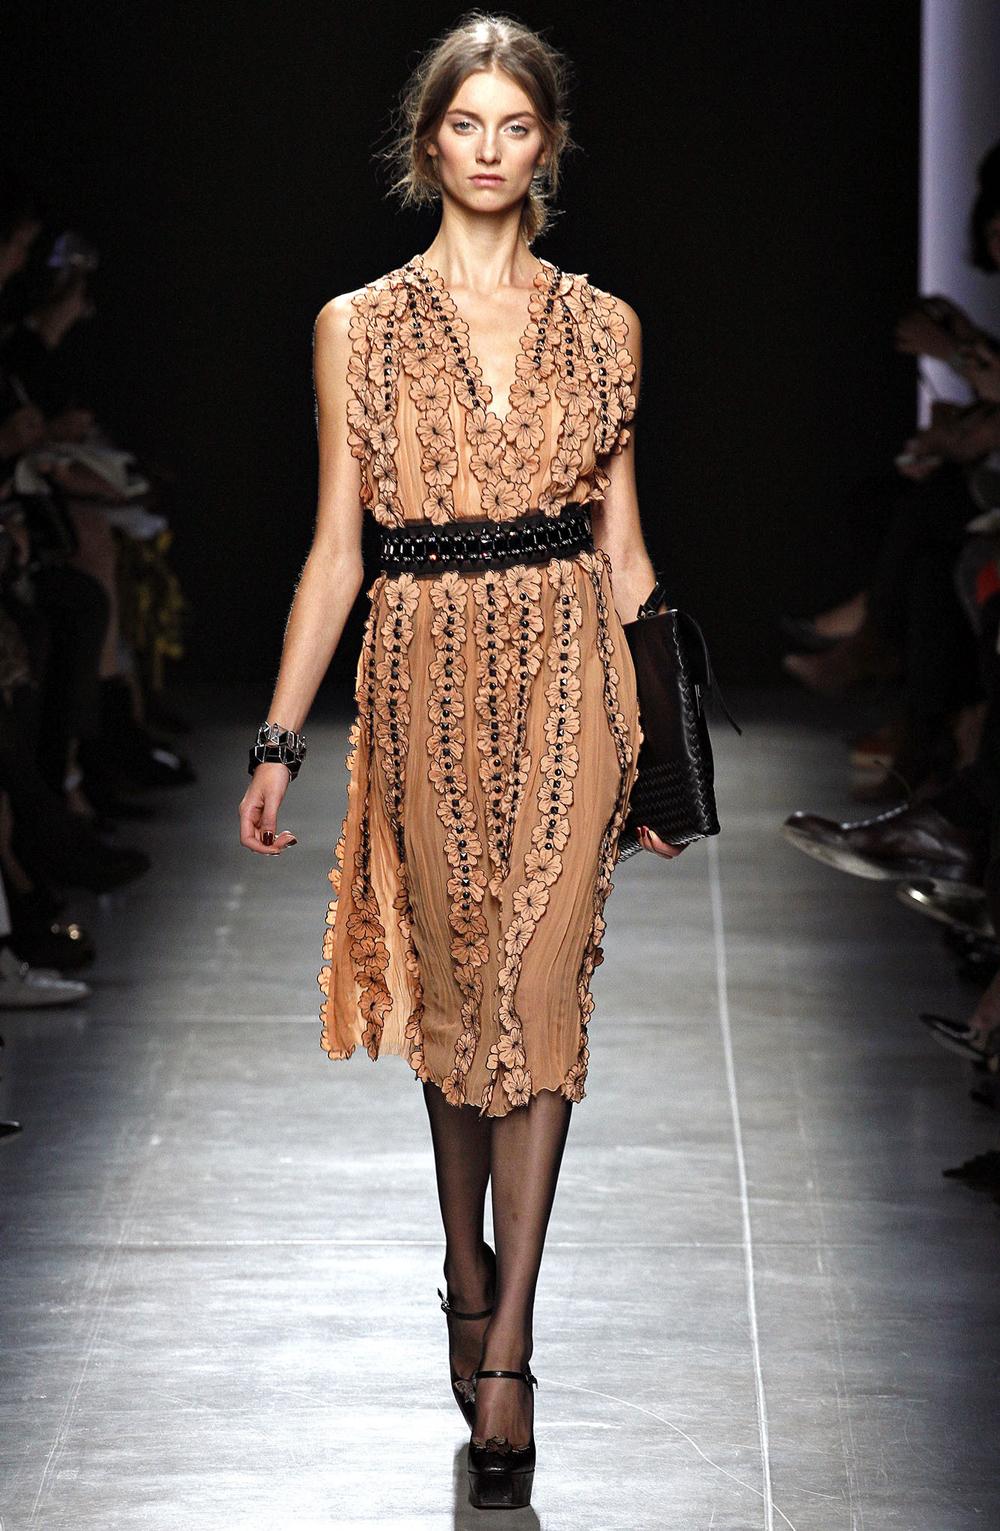 Bottega Veneta floral dress Spring/Summer 2013 collection, designer look for less